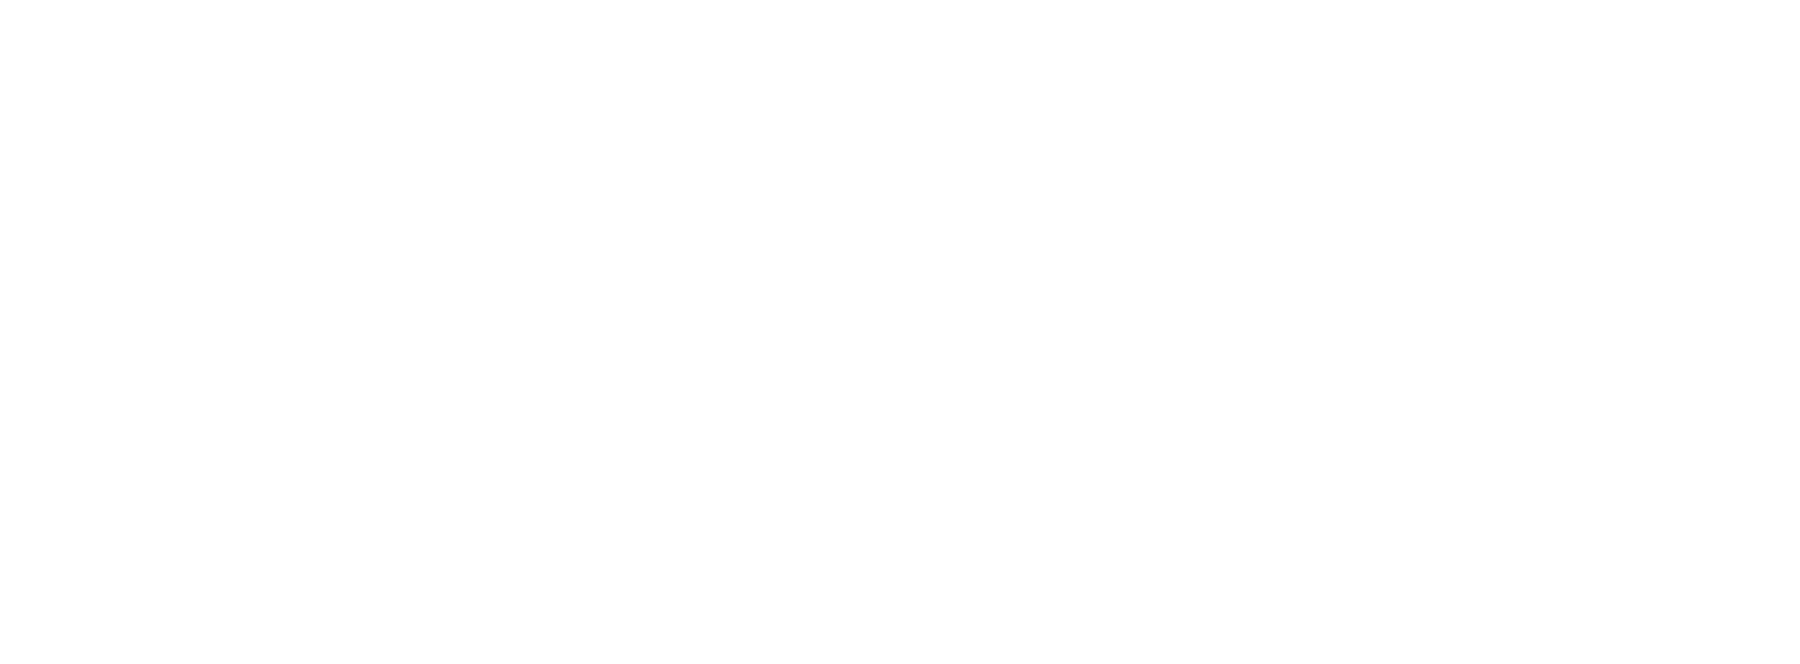 Logo Ibm PNG - 98728